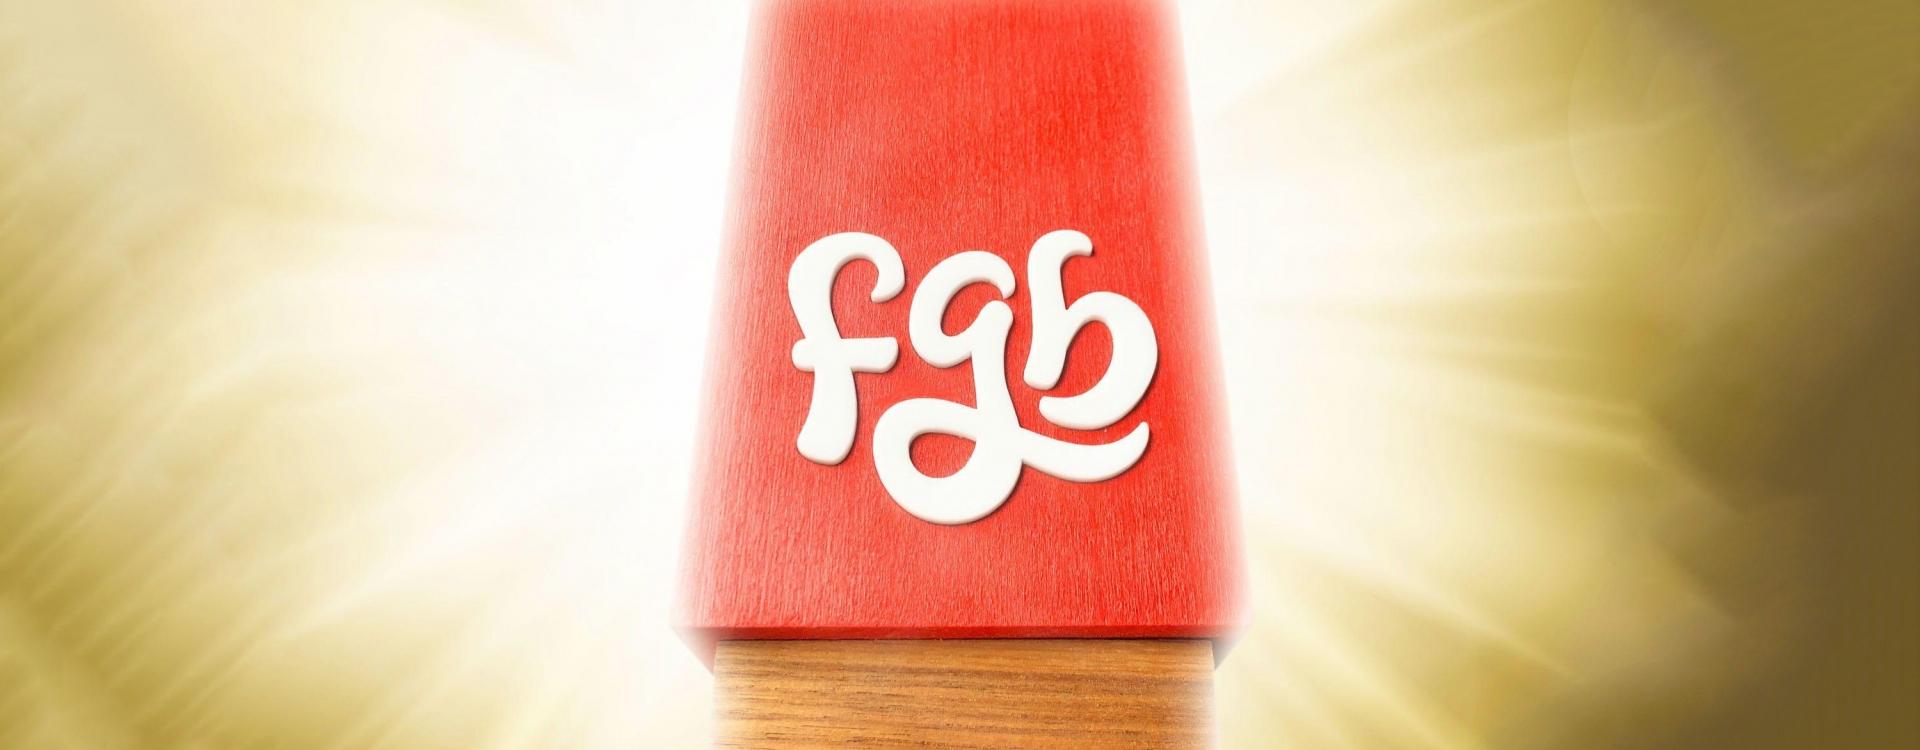 Banner fgb award winner